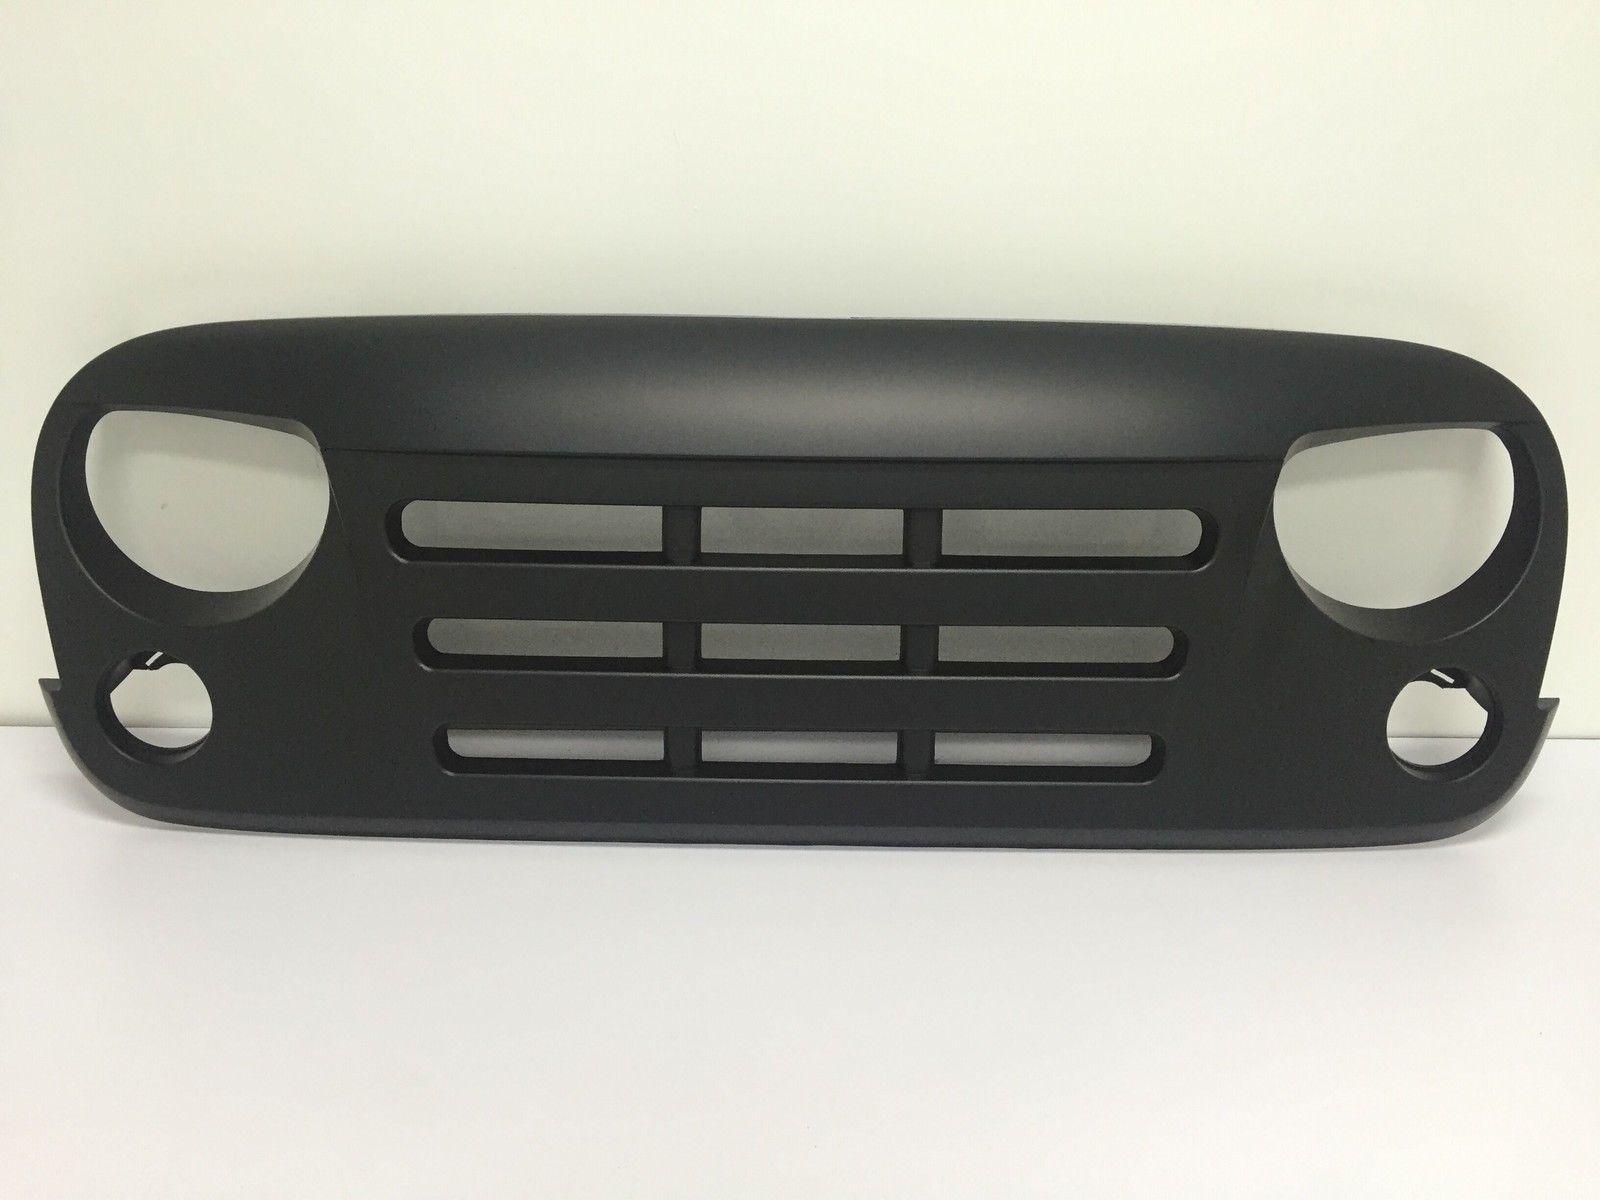 USグリル  車のトラック怒っている鳥のアップグレードクールフロントマットグリルジープラングラーJKの07から17 Car Truck Angry Bird Upgrade Cool Front Matte Grille For Jeep Wrangler JK 07-17